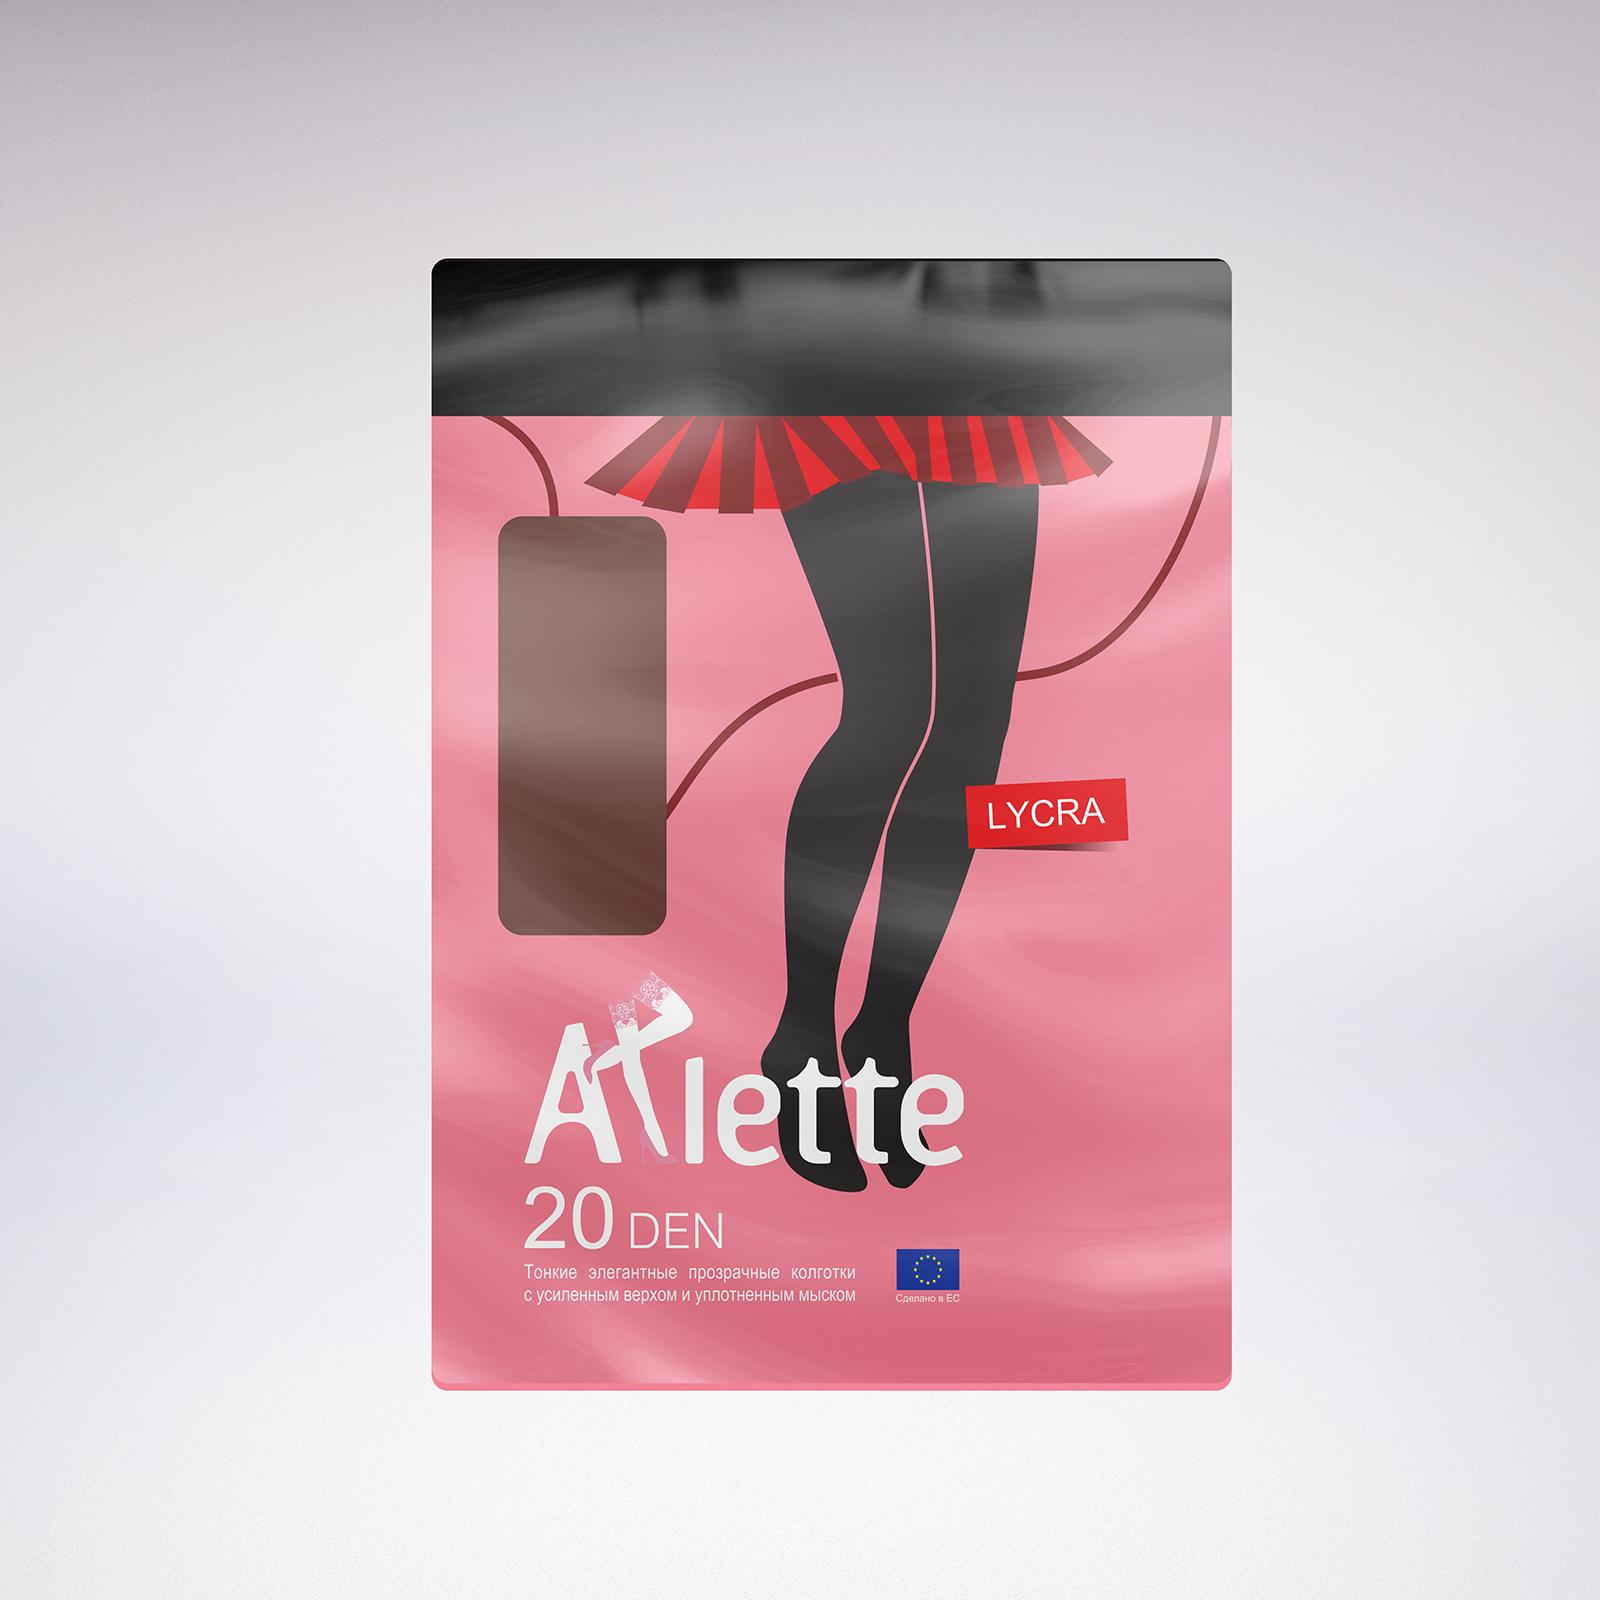 Дизайн упаковки женских колготок фото f_35559988a43e4c32.jpg